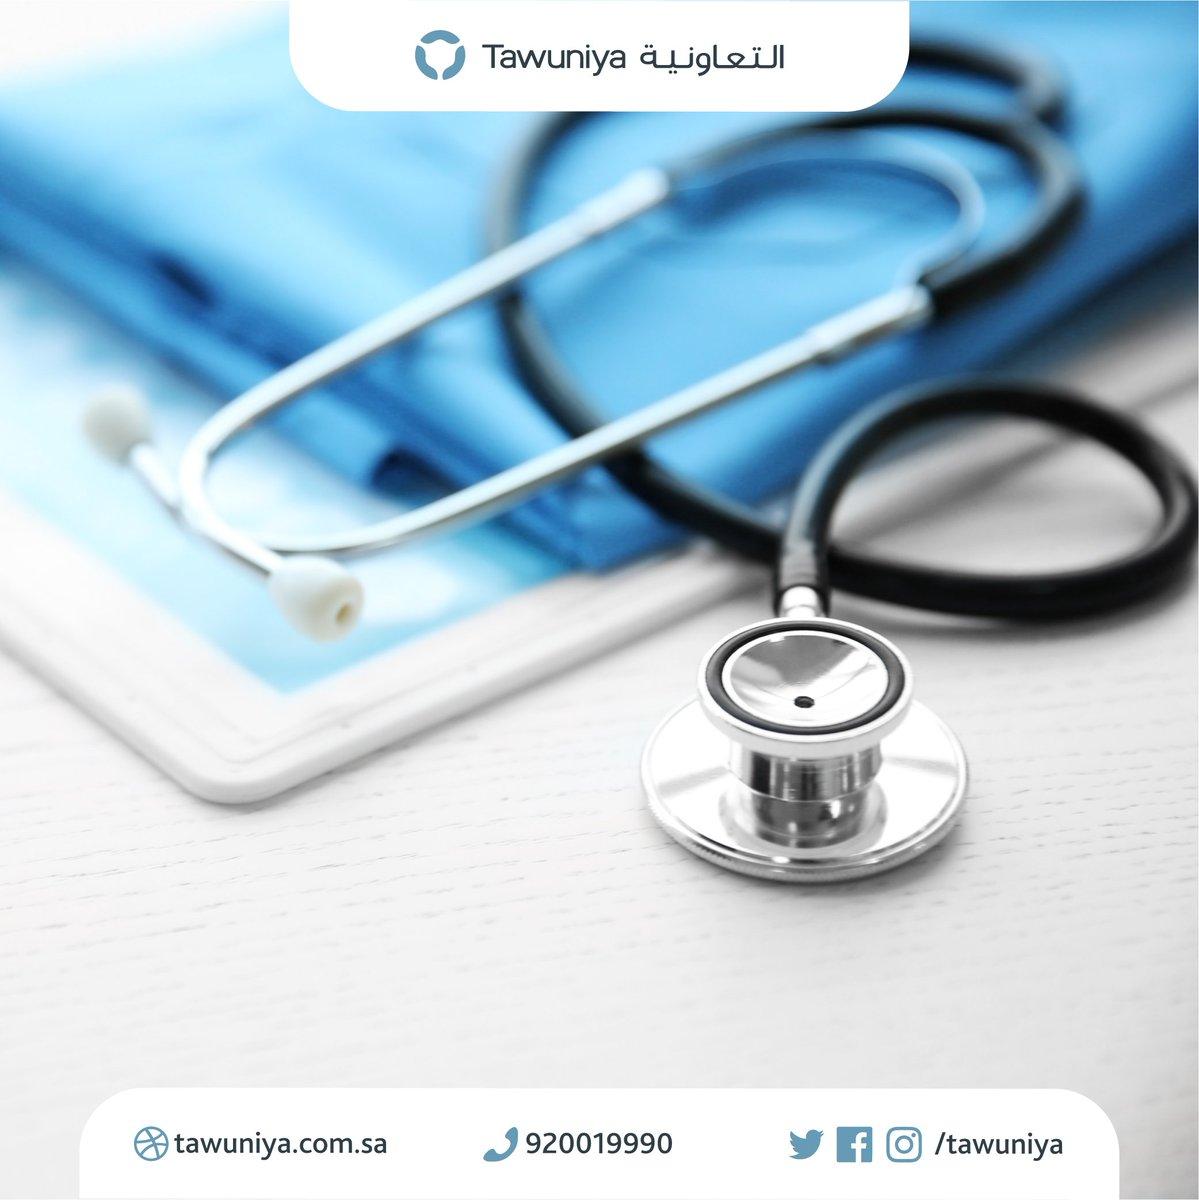 التعاونية للتأمين Twitterissa وفرنا تأمين عائلتي الطبي بـ4 فئات متنوعة حتى تكون ملائمة لجميع الاحتياجات المختلفة Https T Co 1p8oalljma